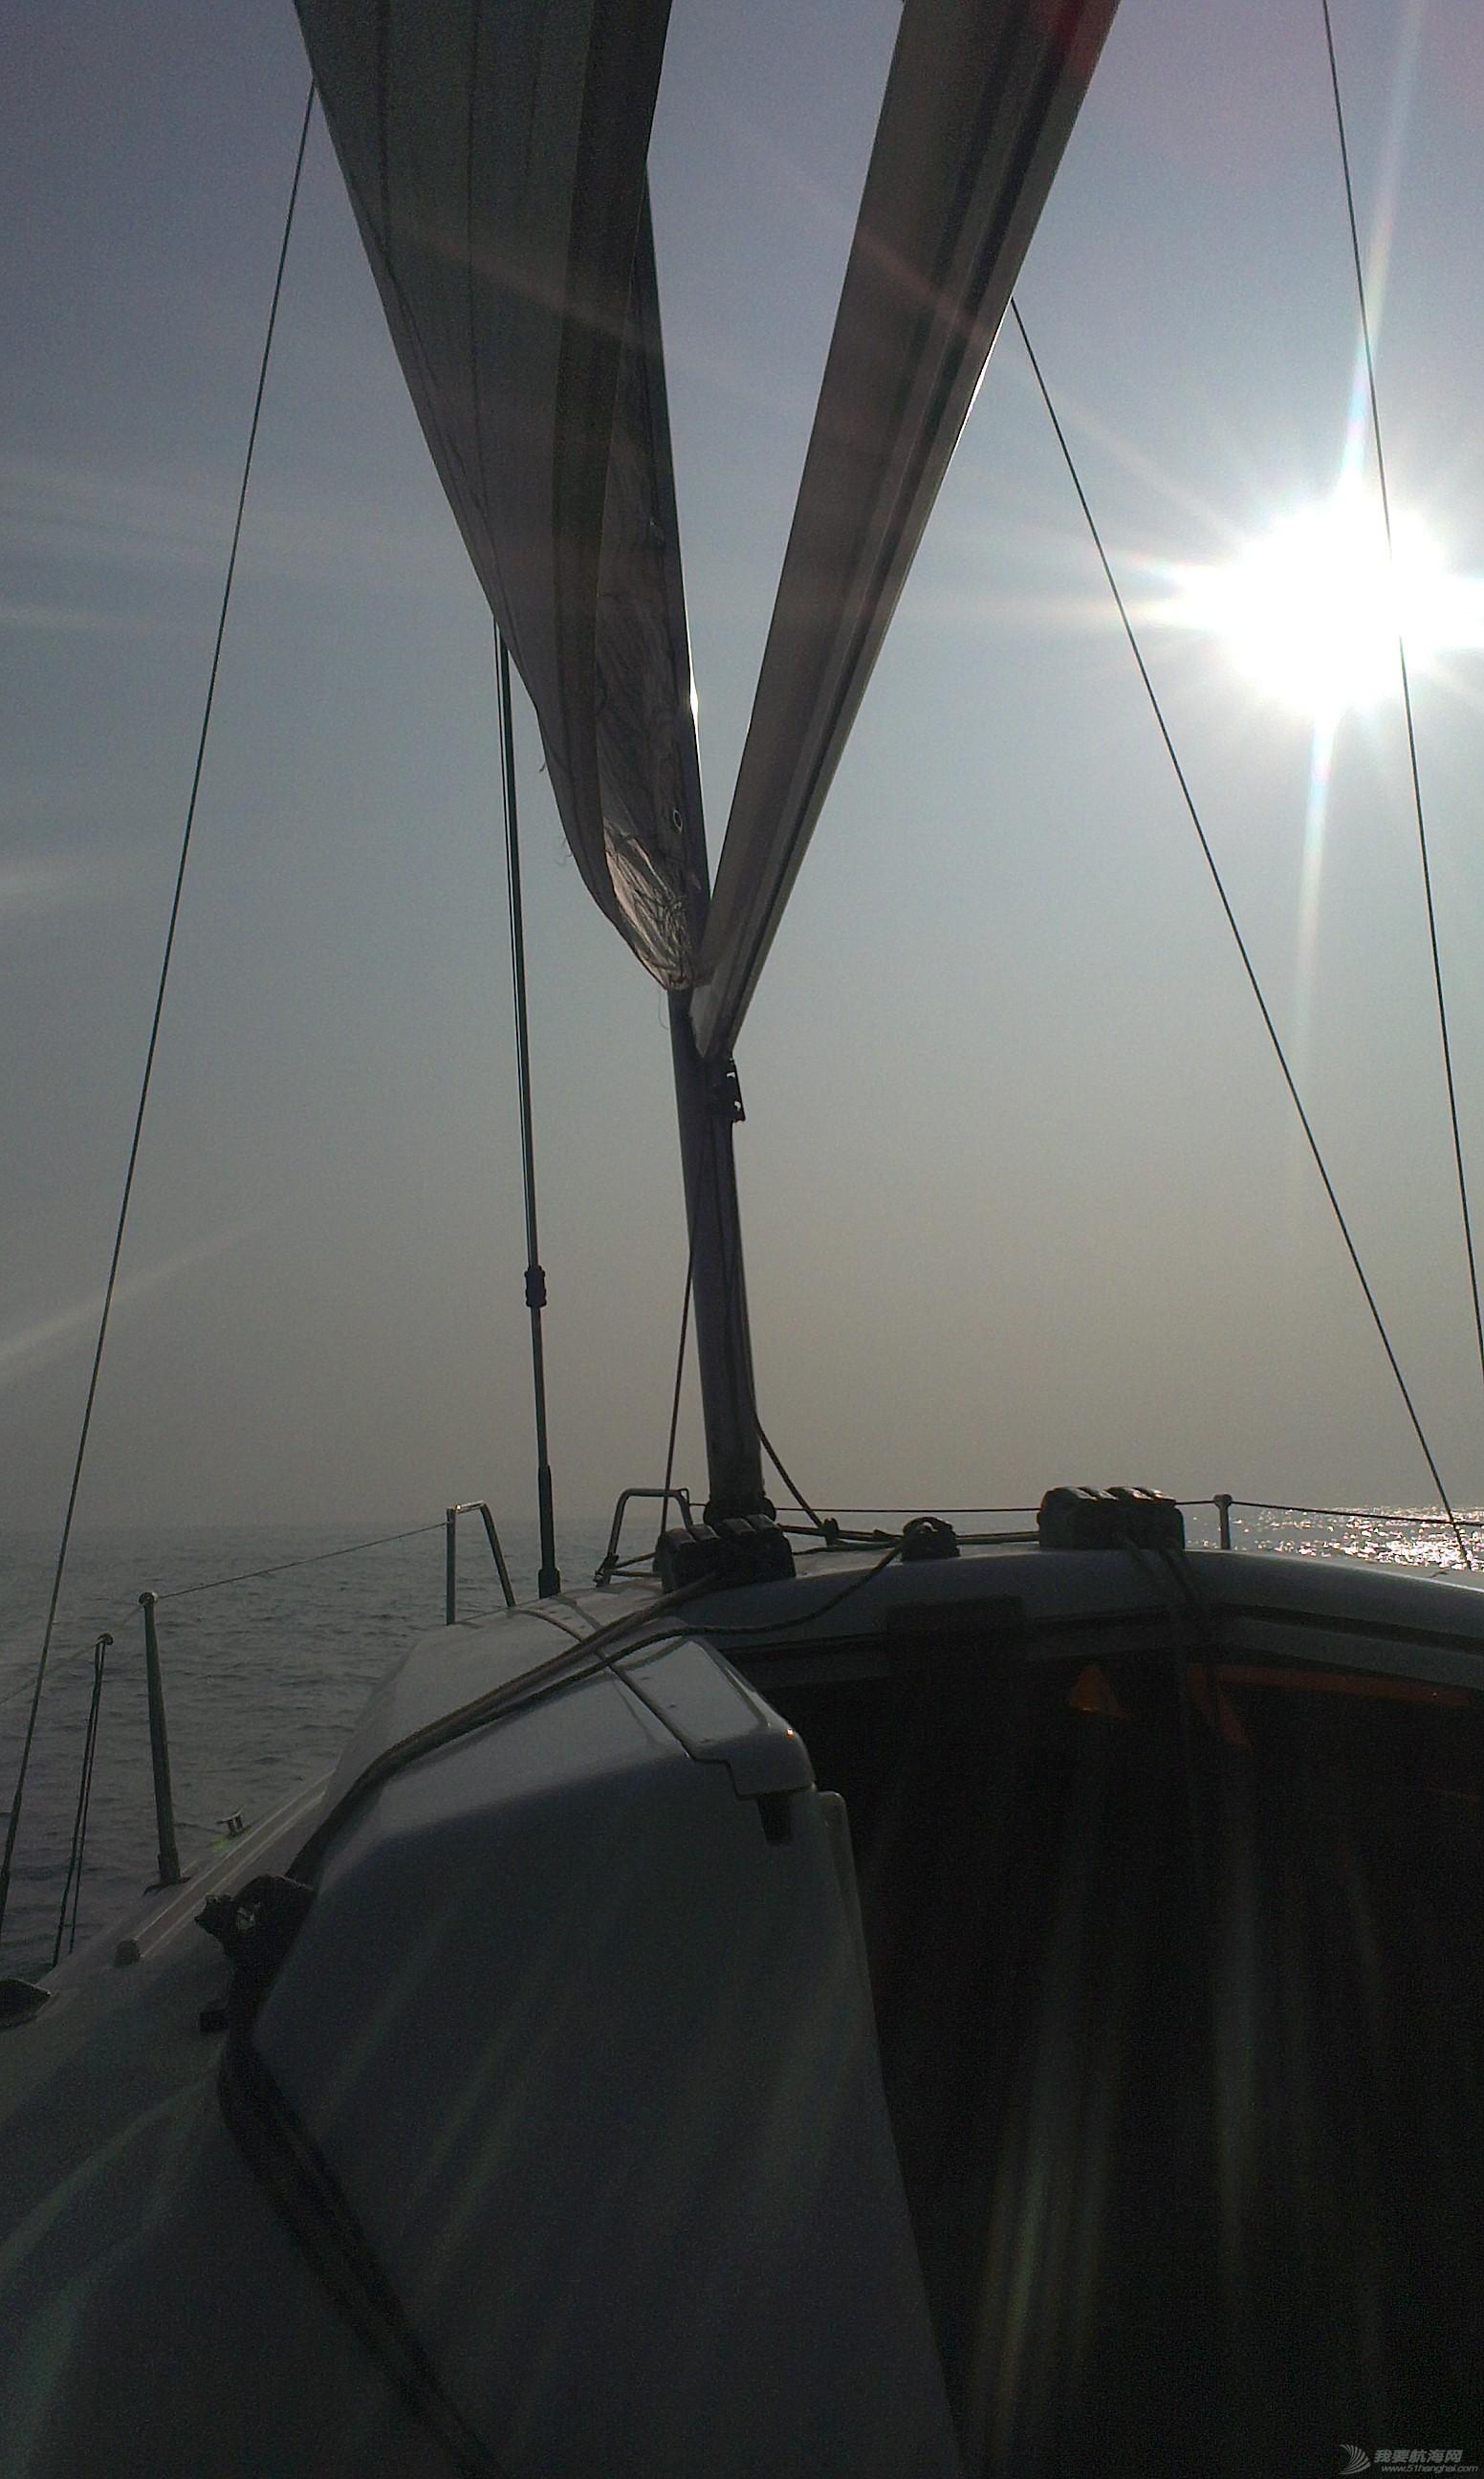 帆船 免费航海不是梦…我是十四期学员(我要去航海/全民公益航海帆船训练) IMAG0127.jpg